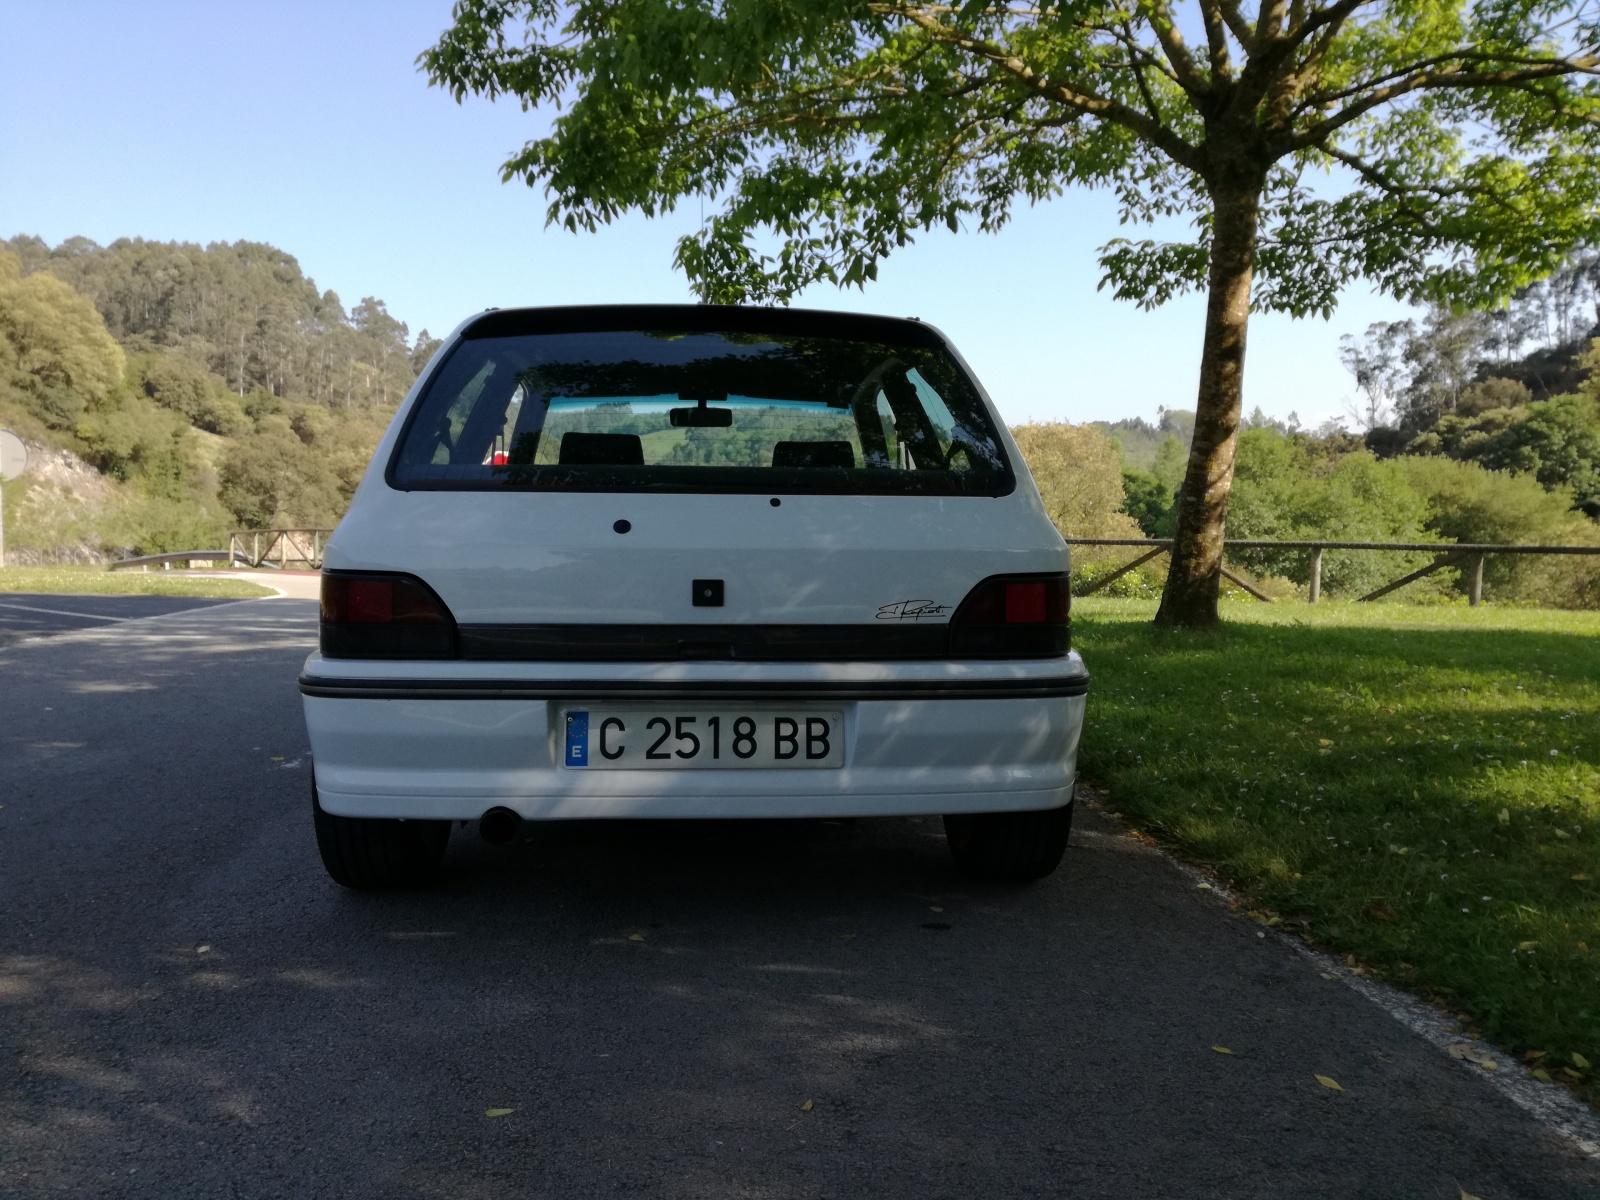 Presento el Renault Clio 16V Fxz047